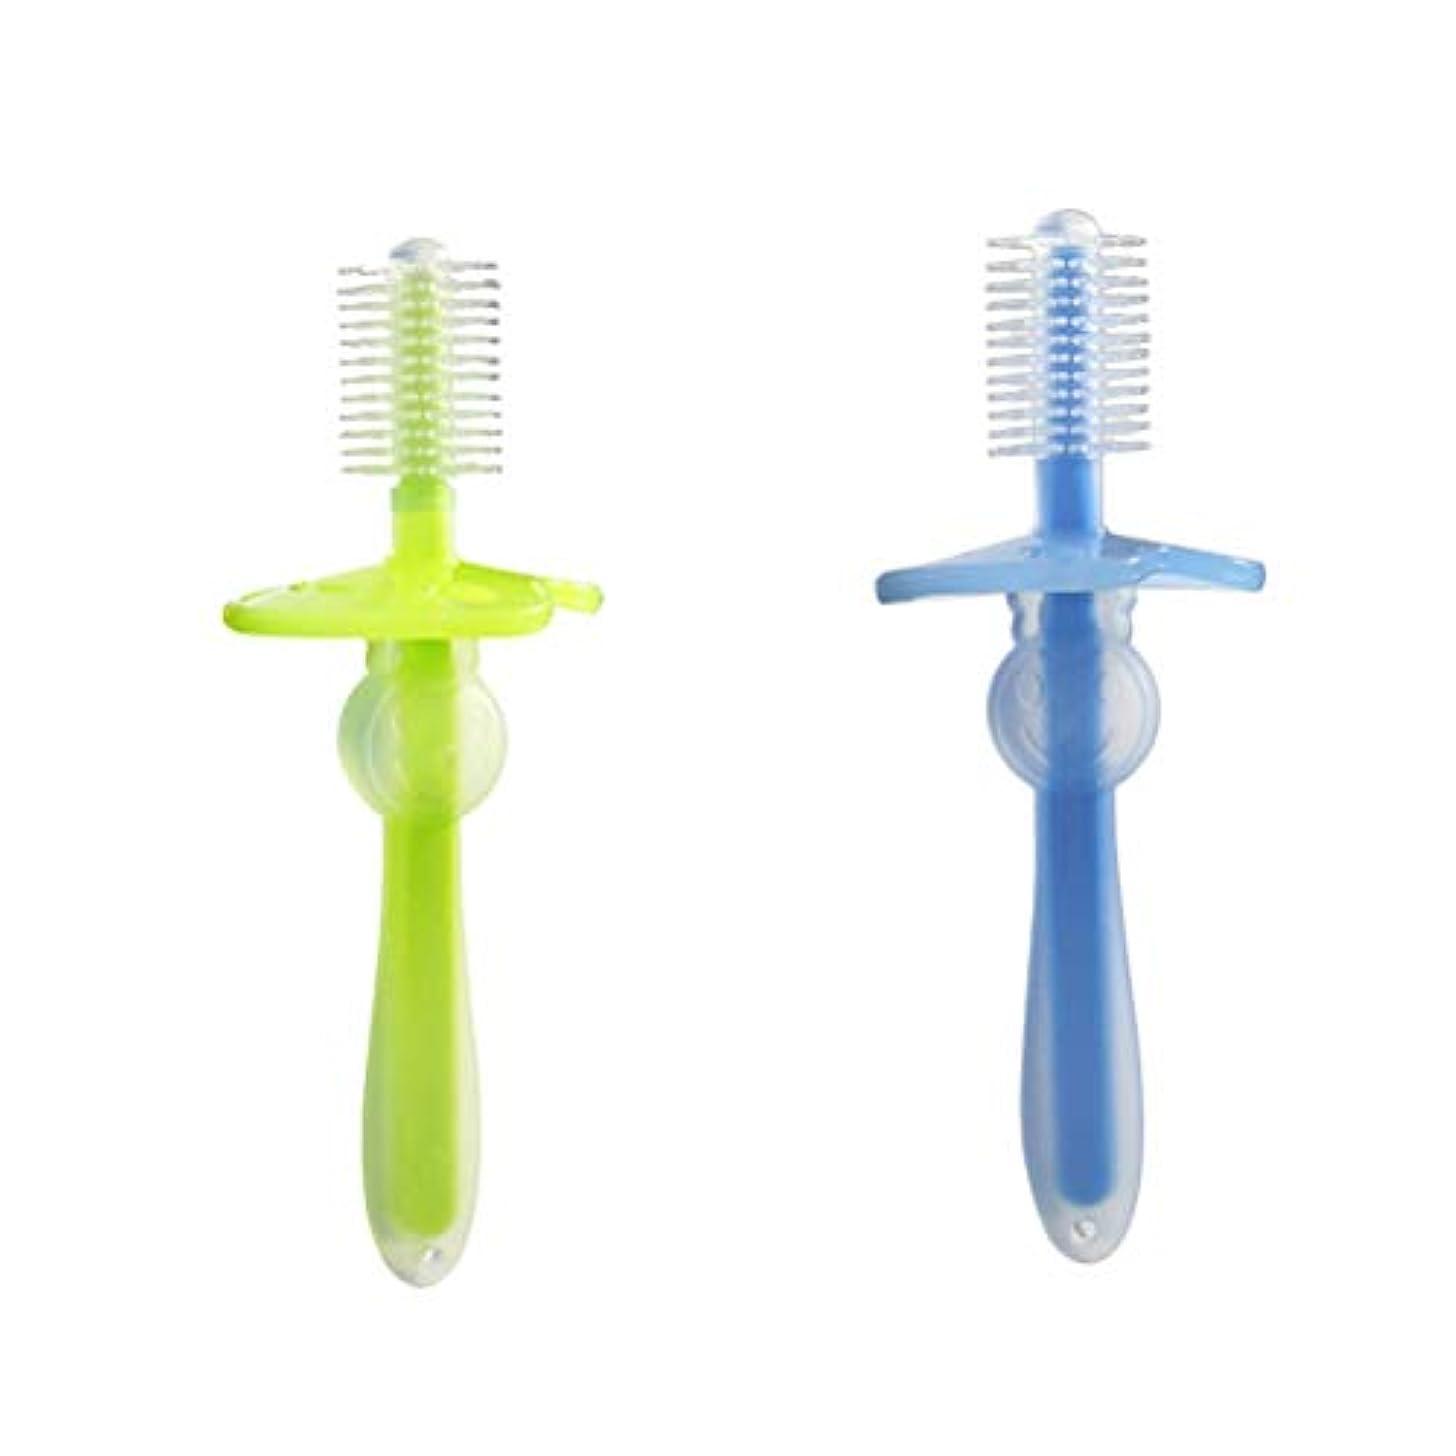 接続されたプランター最もSUPVOX ベビー歯ブラシ ベビー トレーニング歯ブラシ 赤ちゃん ソフト歯ブラシ シリコーン 2本入(ランダムカラー)